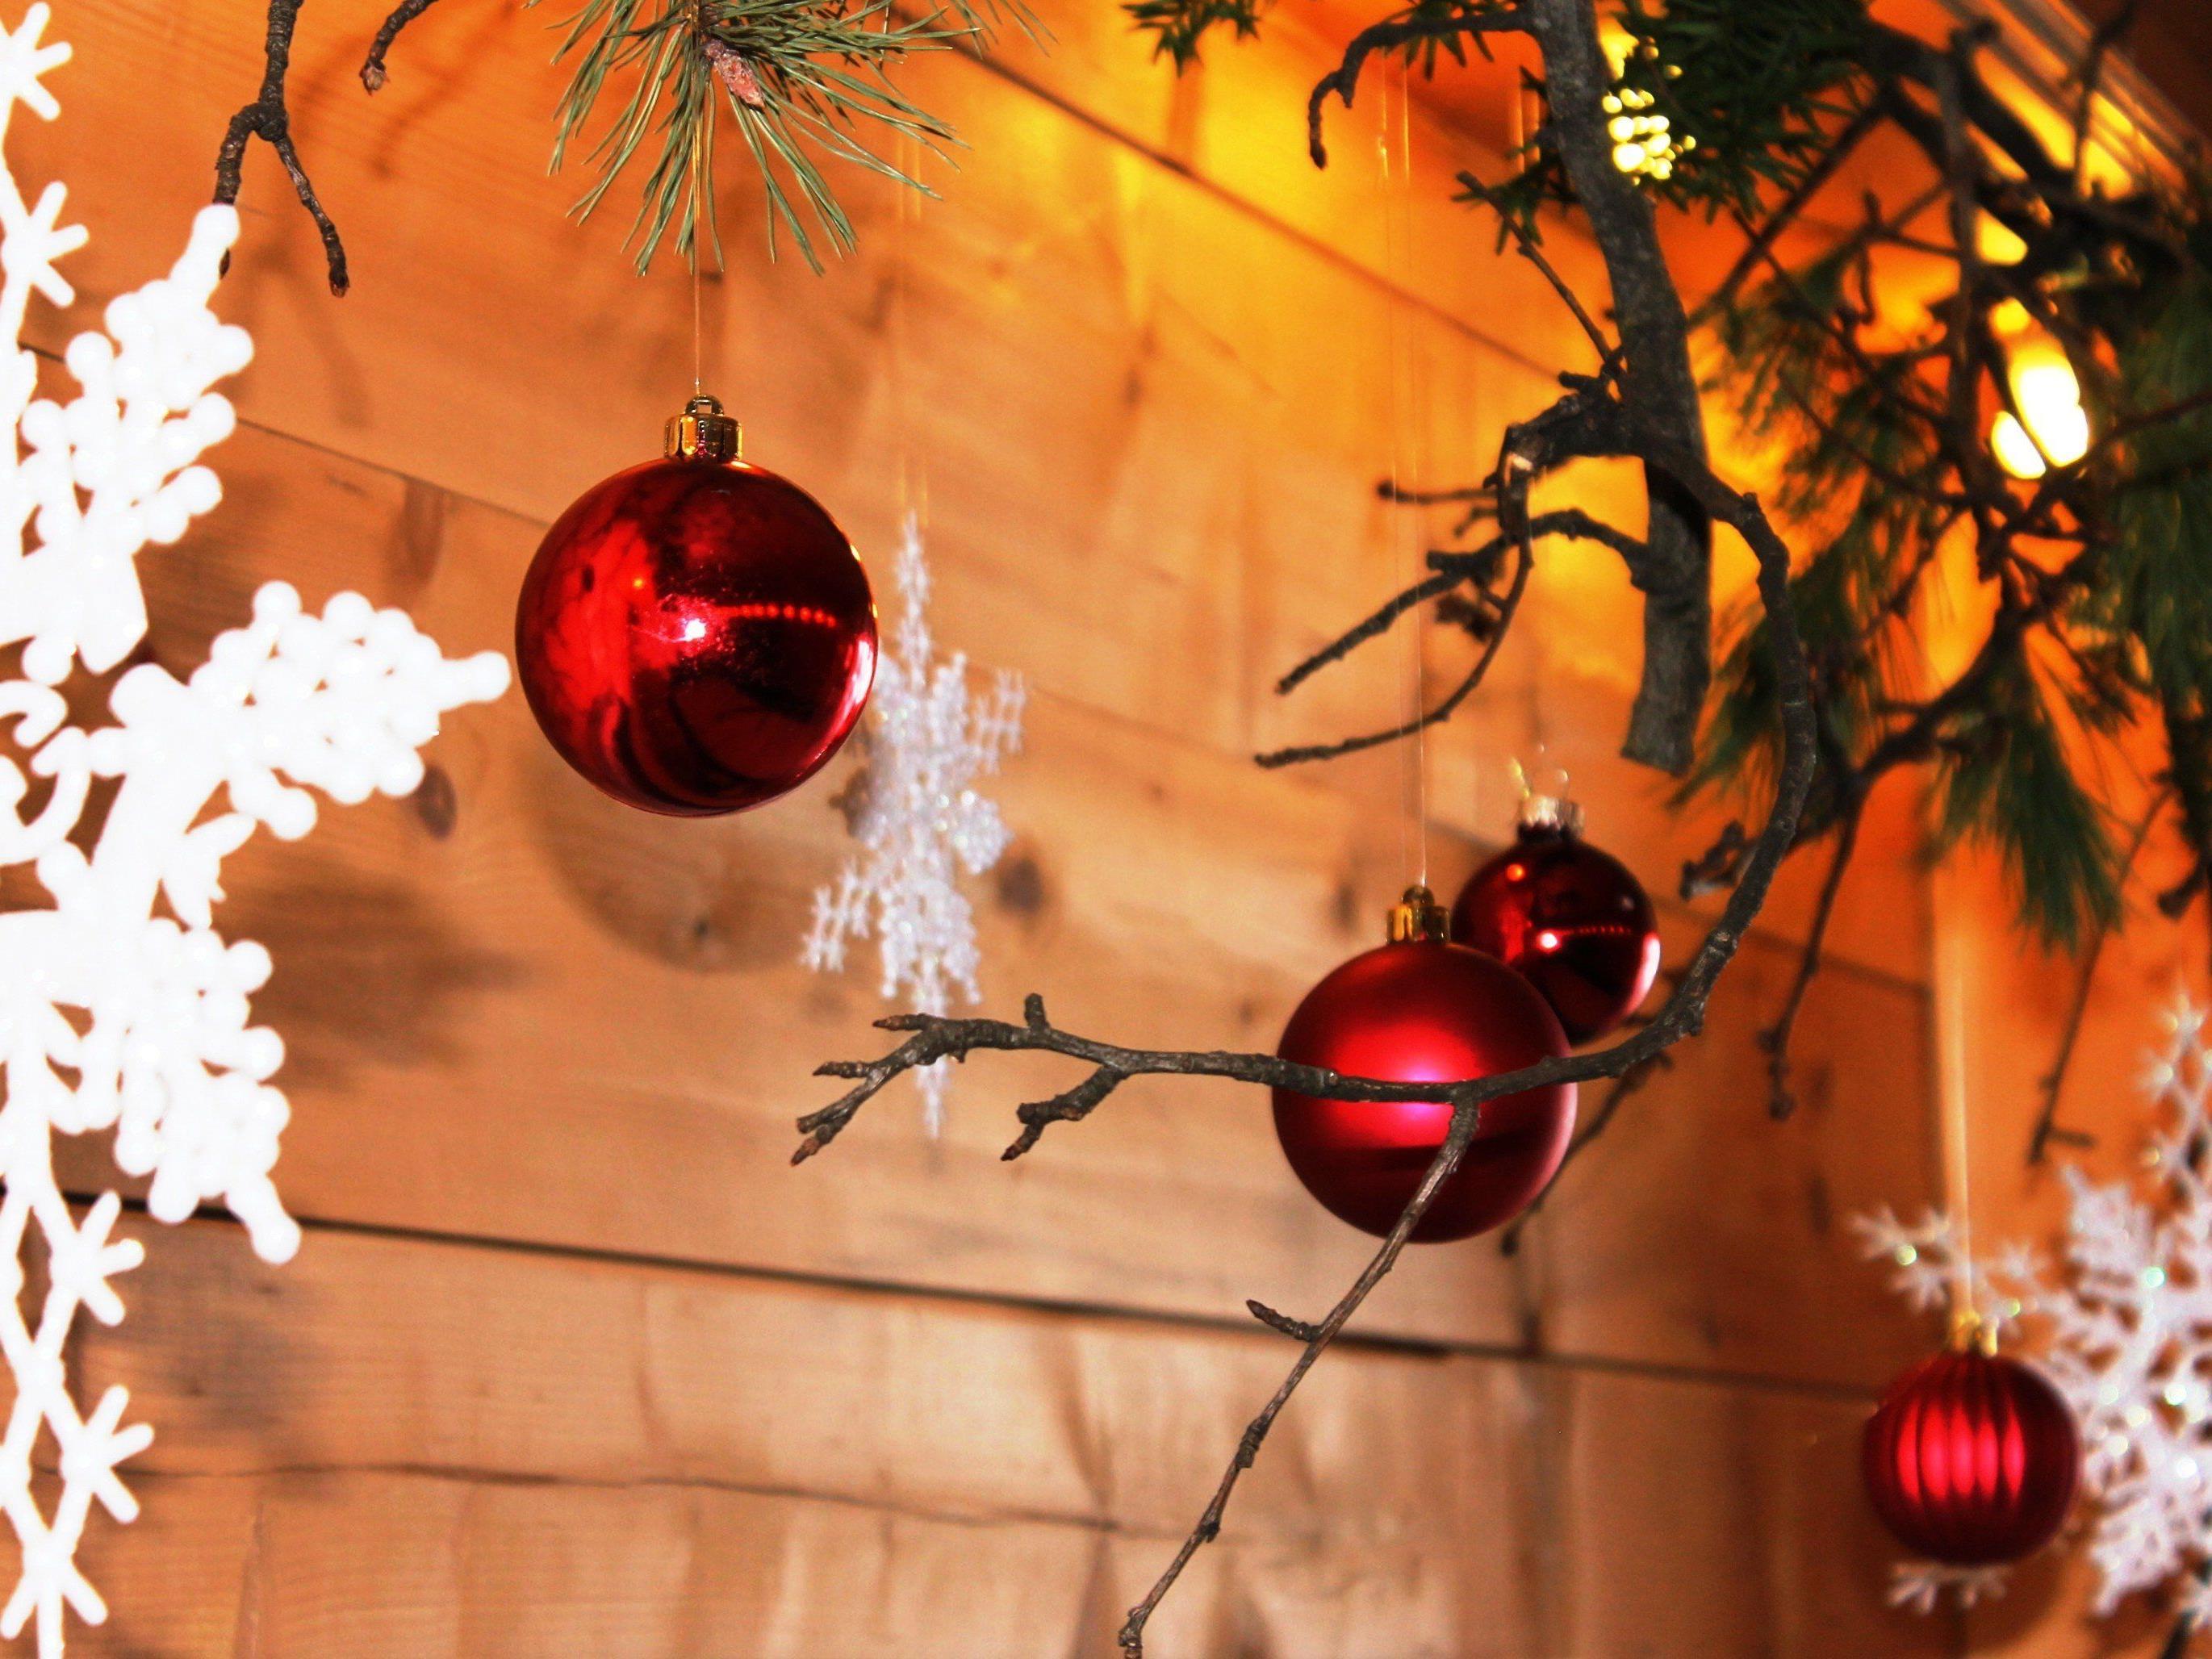 Mit Wochenendbetrieb zu den Adventswochenenden und Vollbetrieb während den Weihnachtsferien bietet Bludenz eine tolle Möglichkeit zu einem Ausflug auf VIERZEHN-NULL-EINS